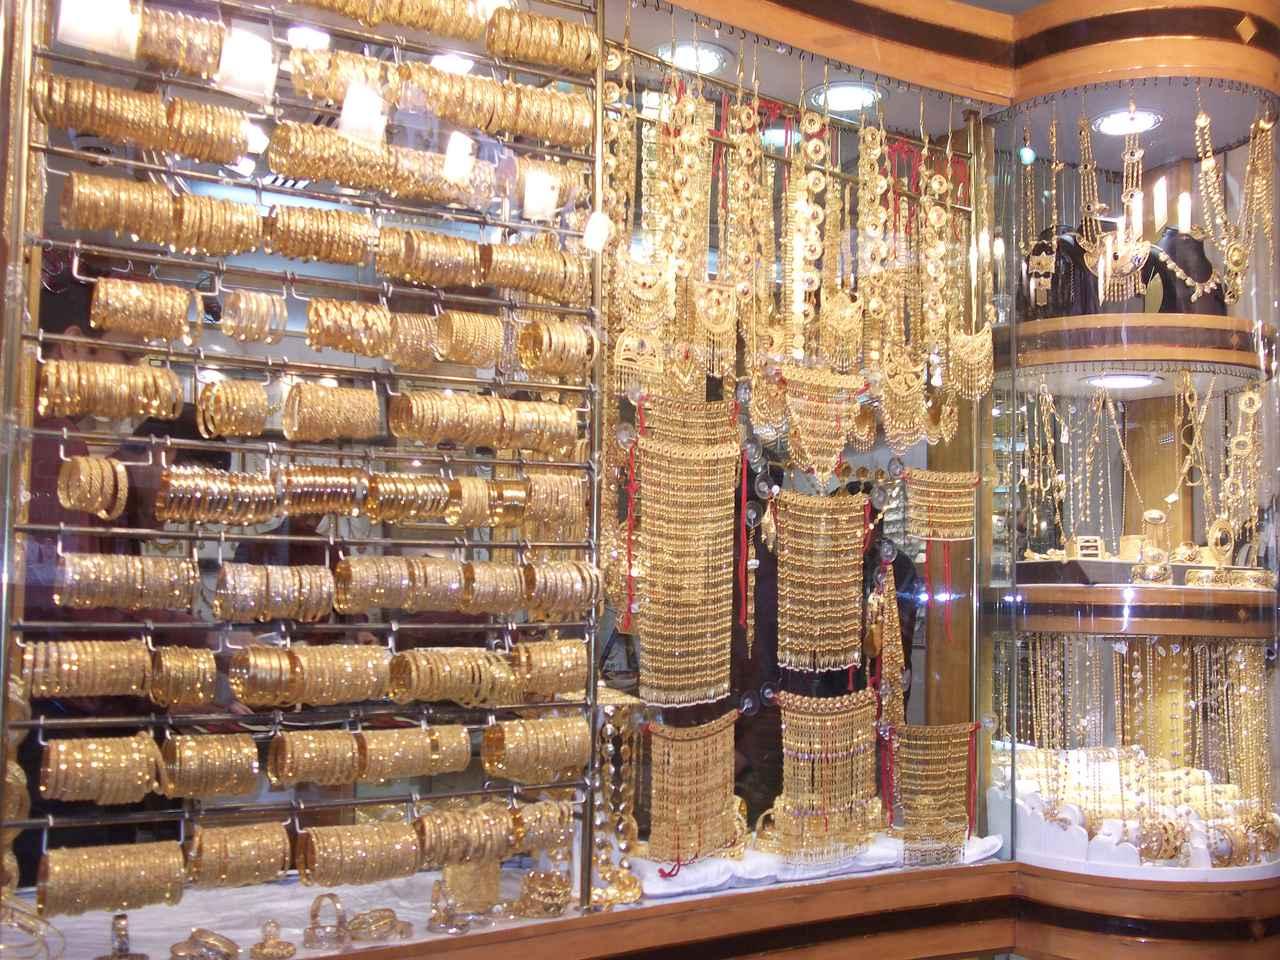 画像: ゴールドスーク スークとは、商店街や市場の意味を持ちます。世界一大きな金の指輪もこのエリアにあります♪